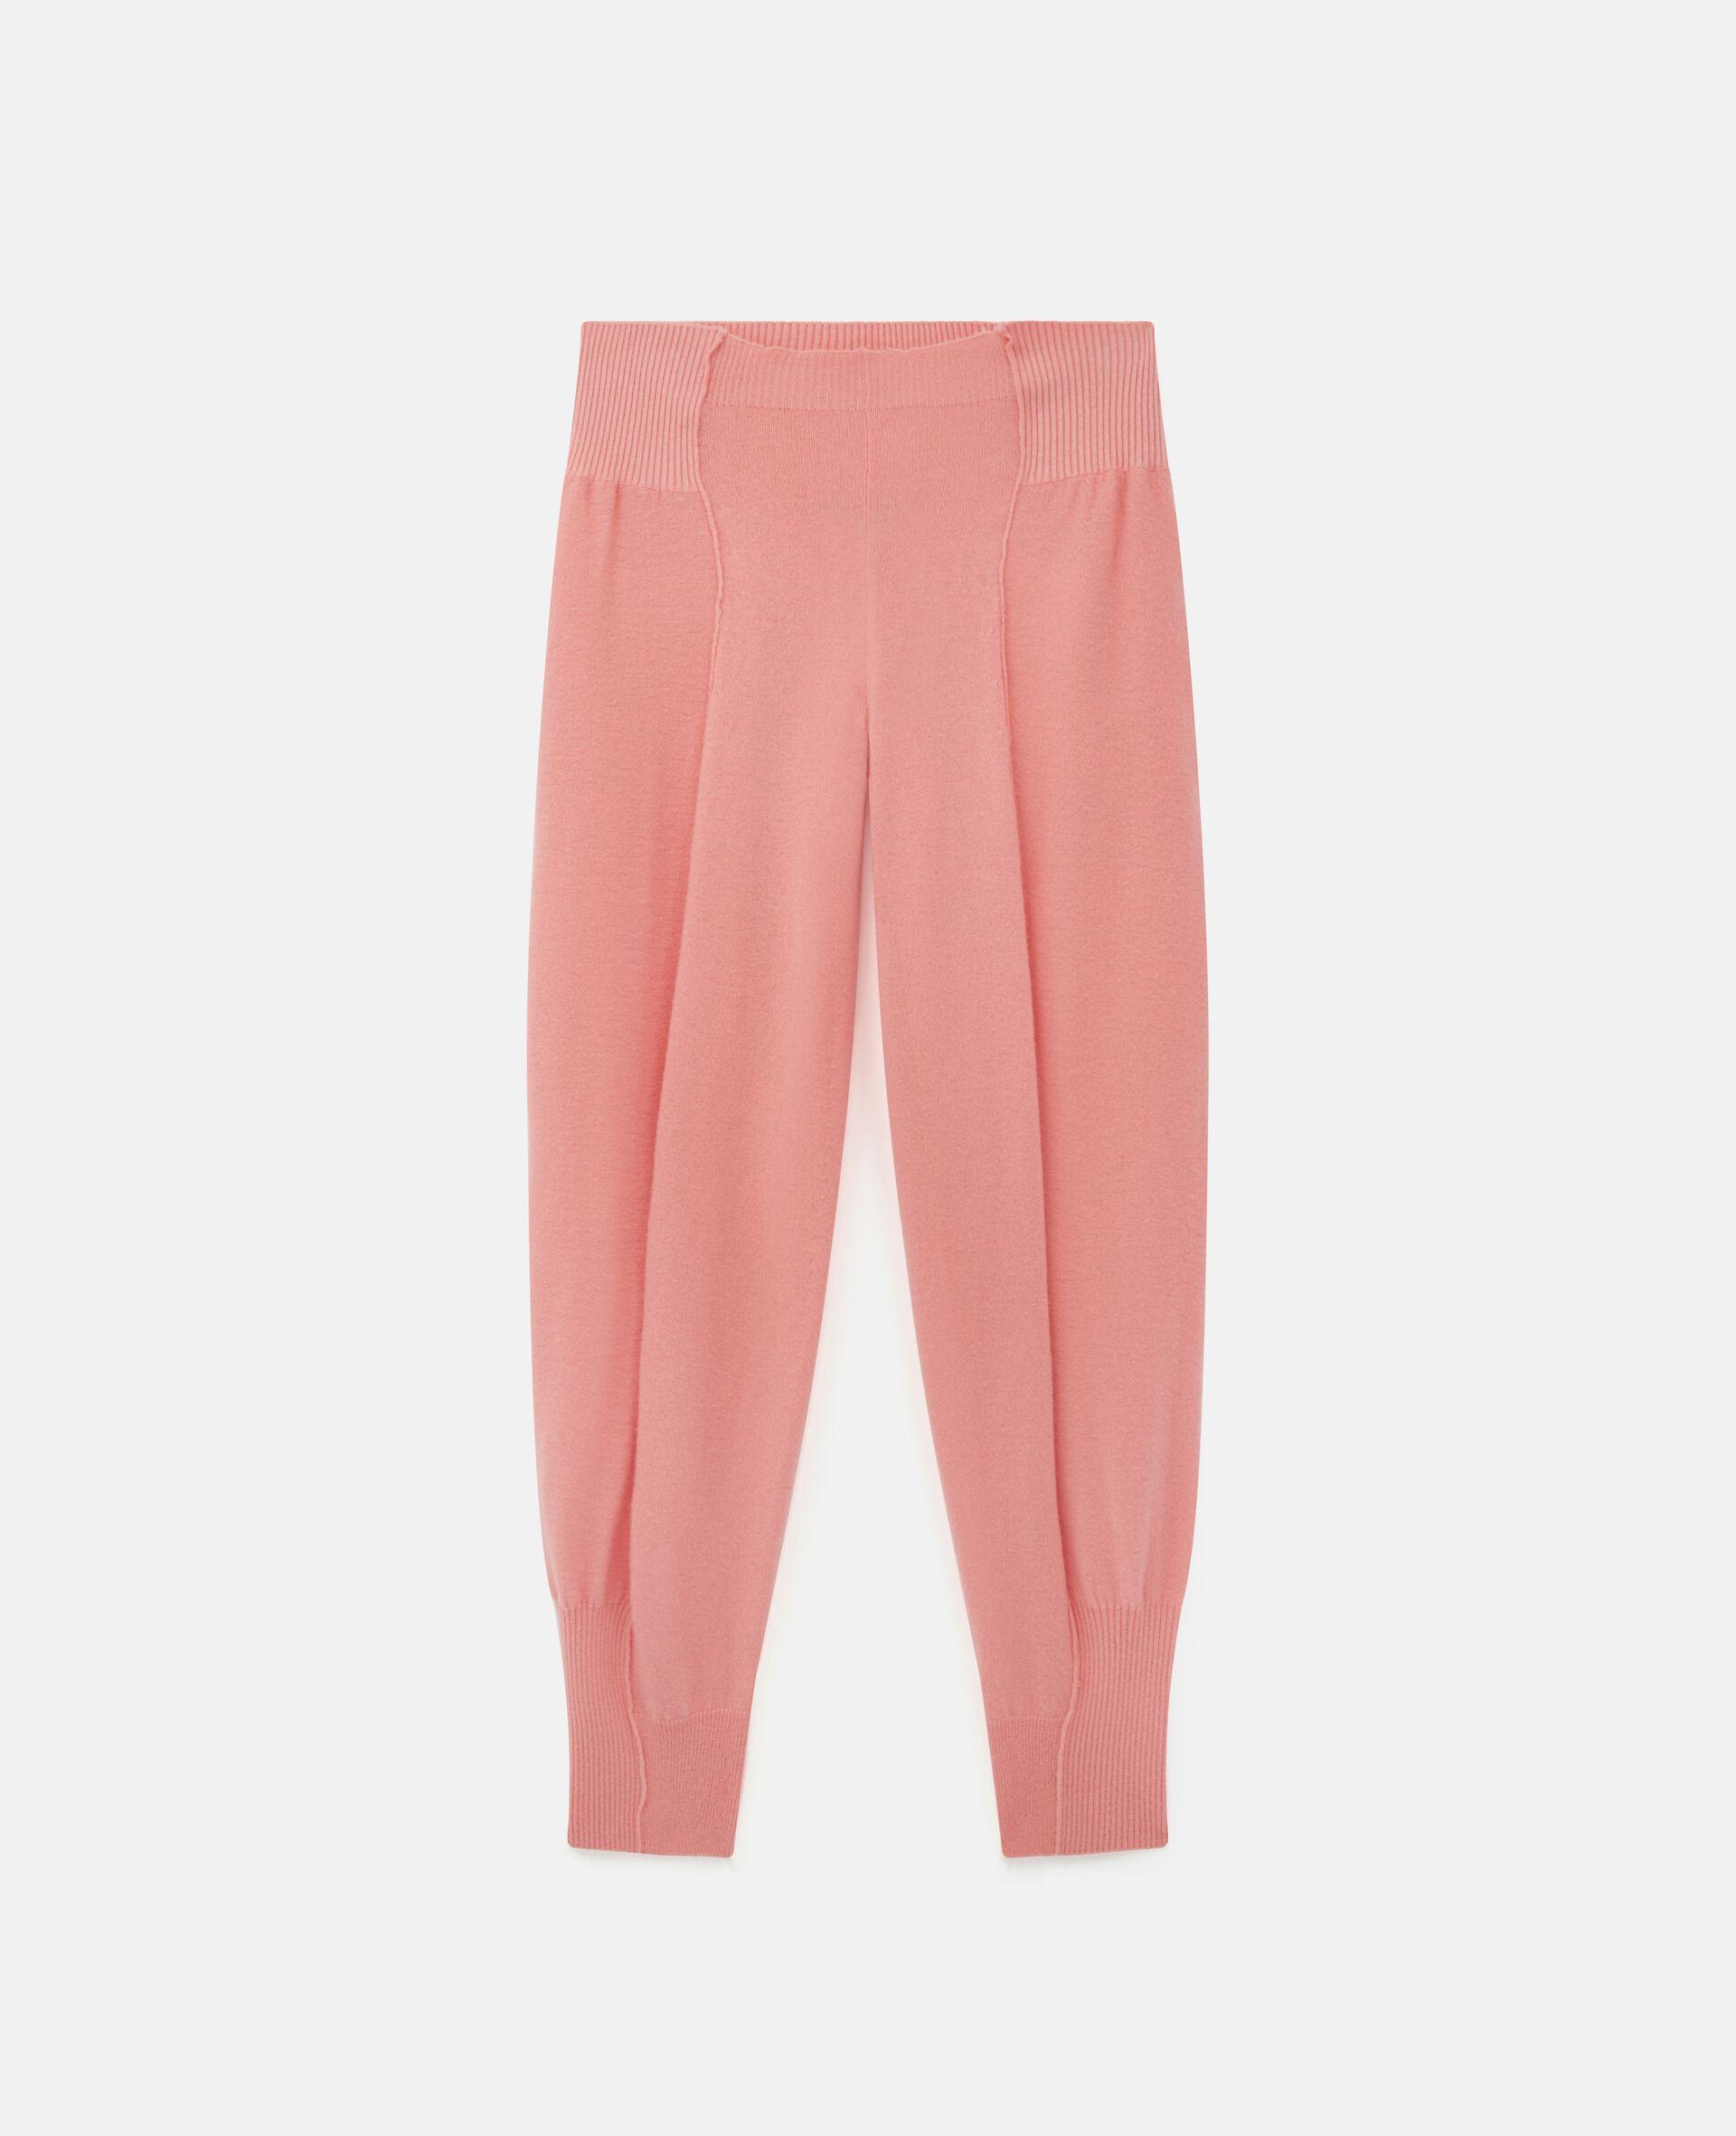 针织裤装 -橙色-large image number 0